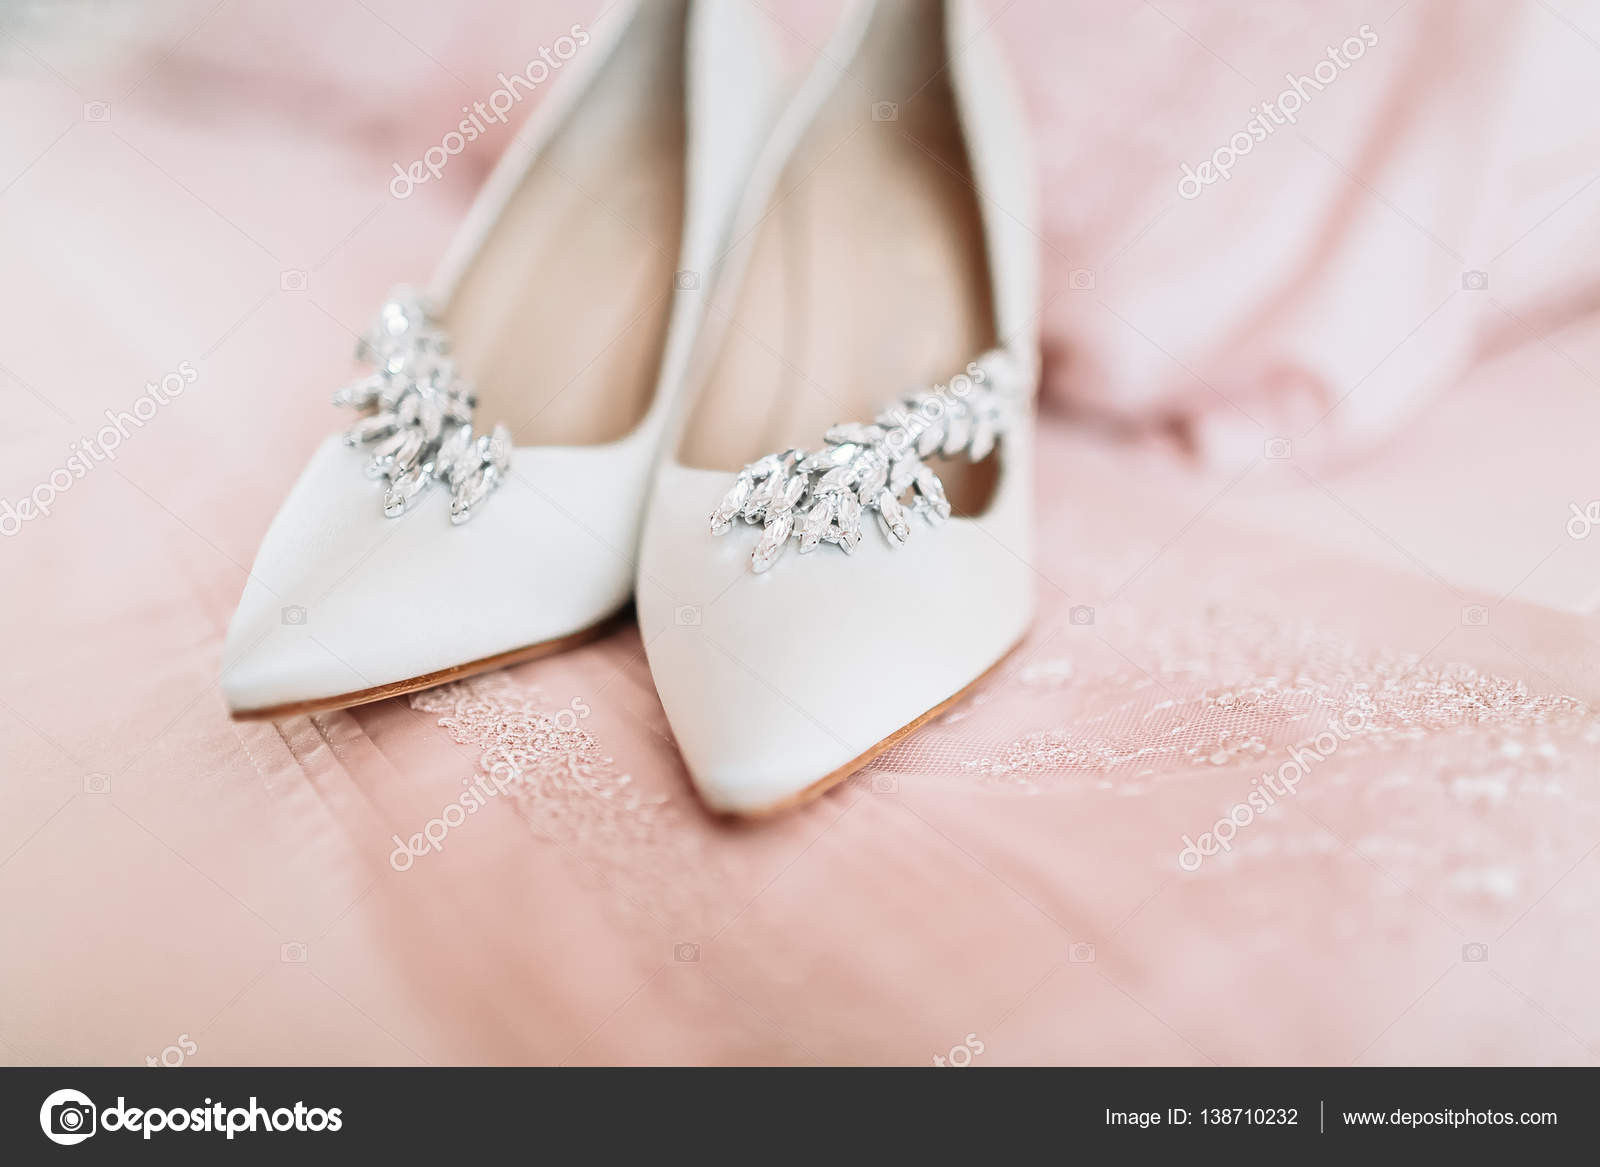 da19578dfd37f4 Взуття нареченої в день весілля на простирадлом– стокове зображення